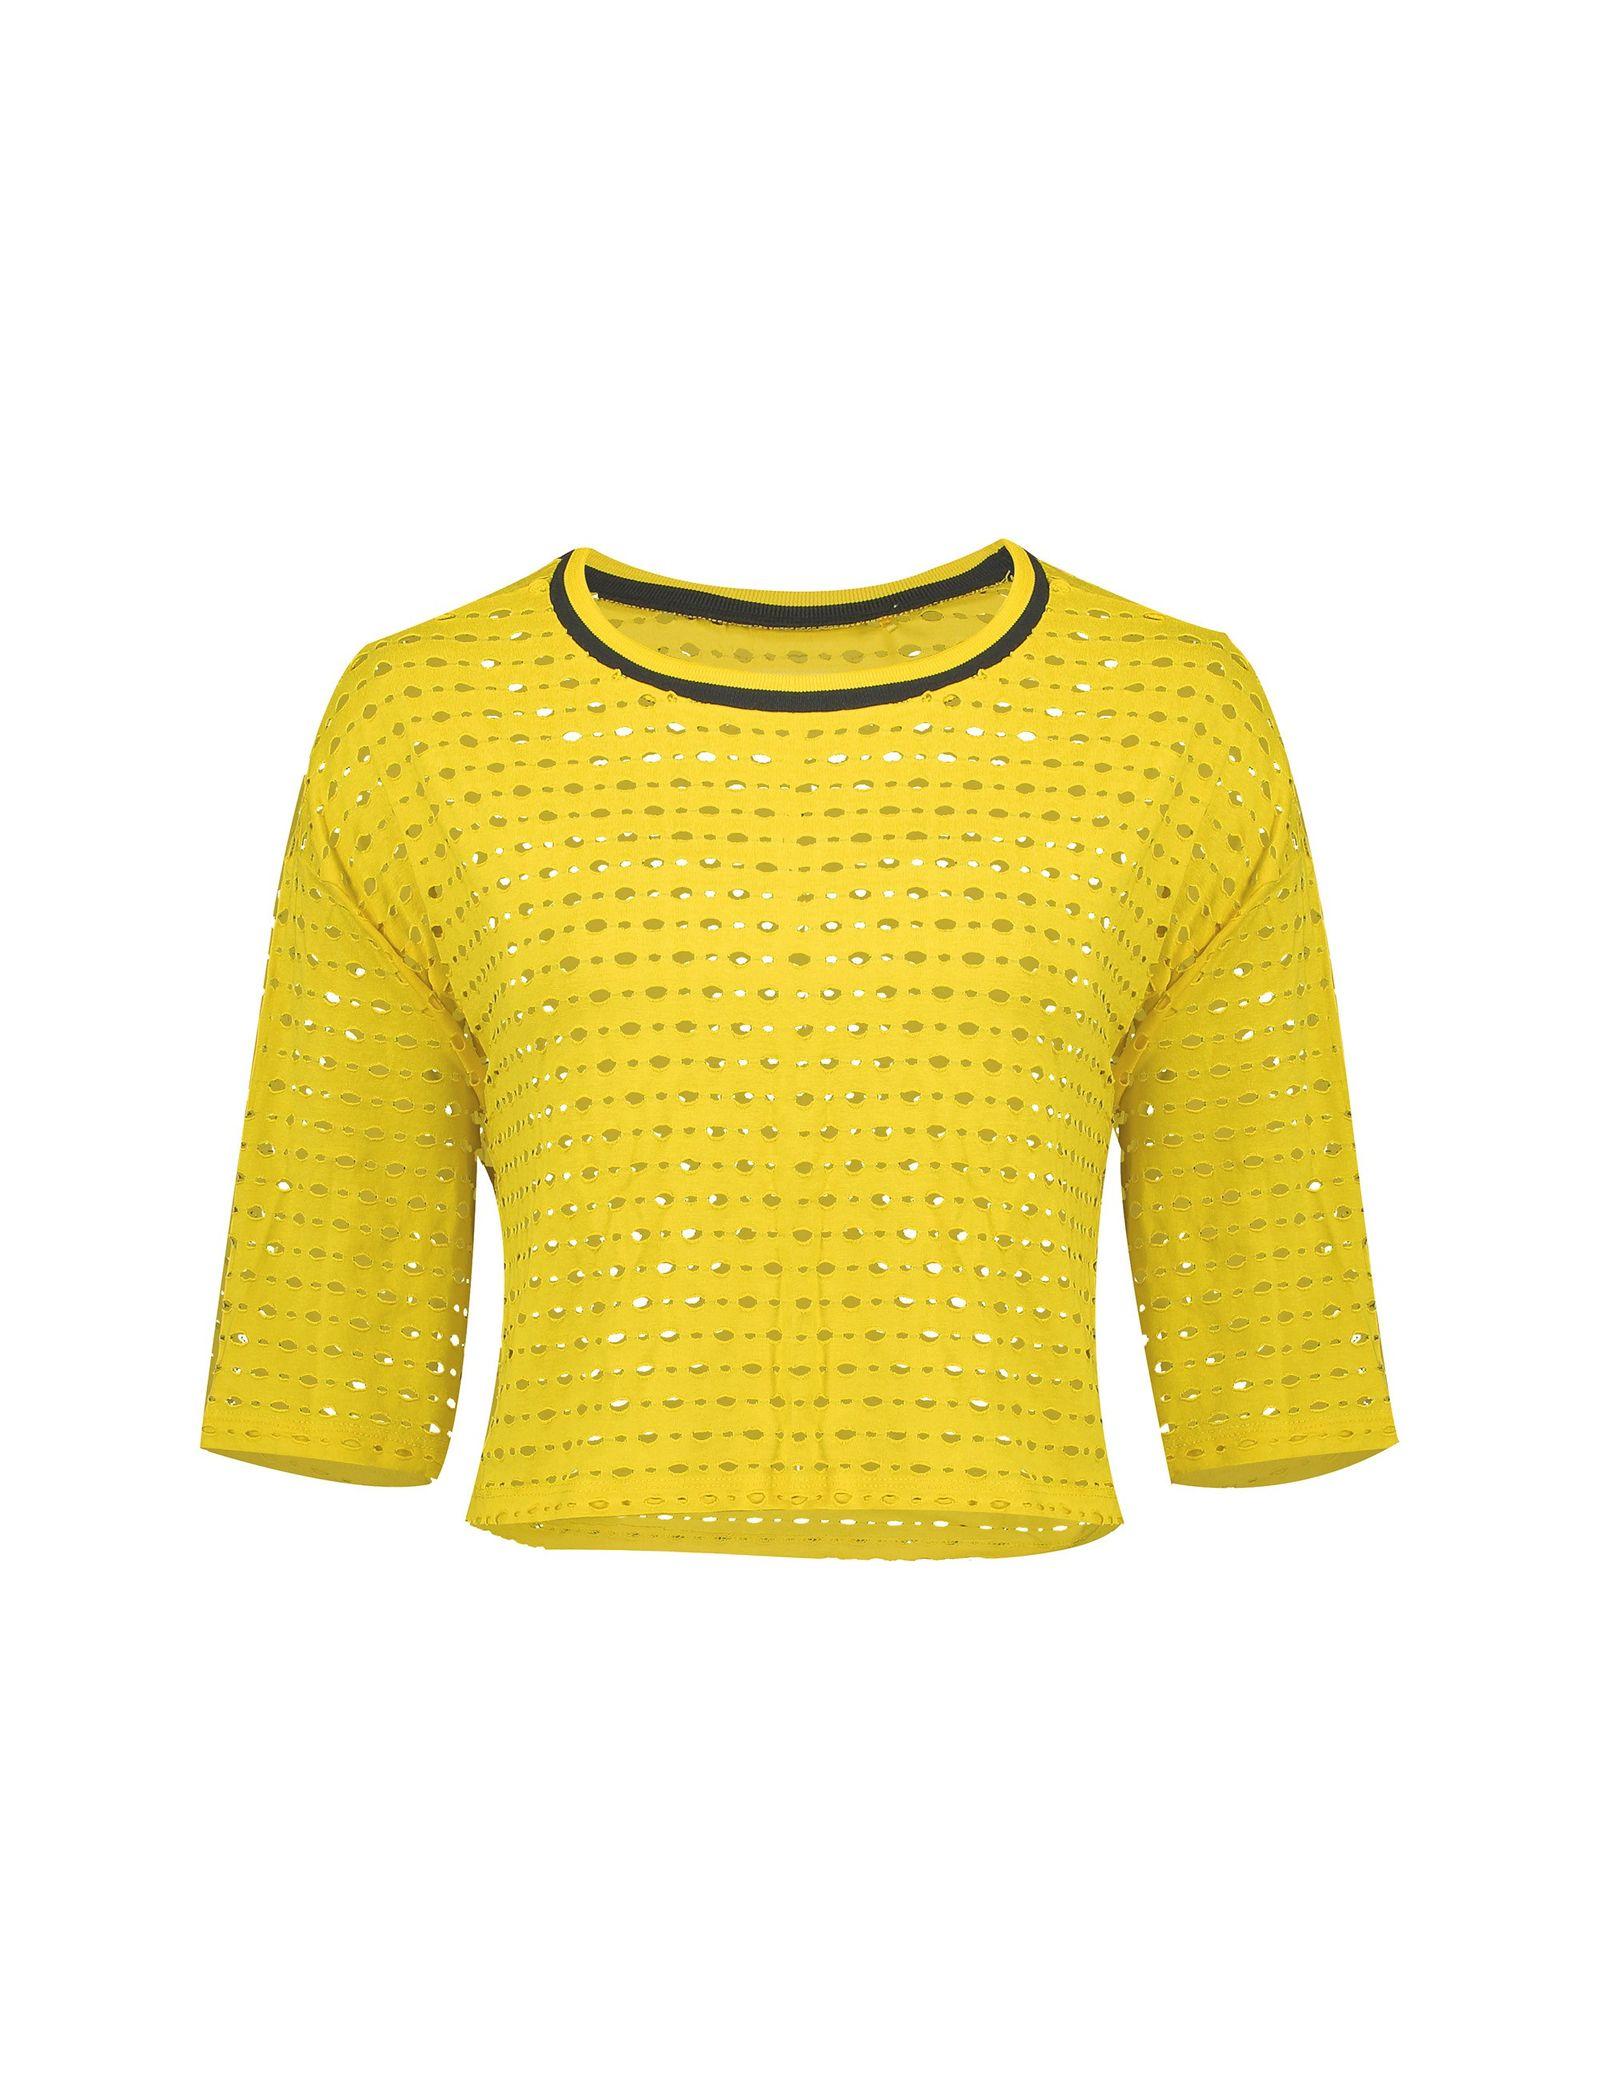 تی شرت ویسکوز یقه گرد زنانه - کوتون - زرد - 1